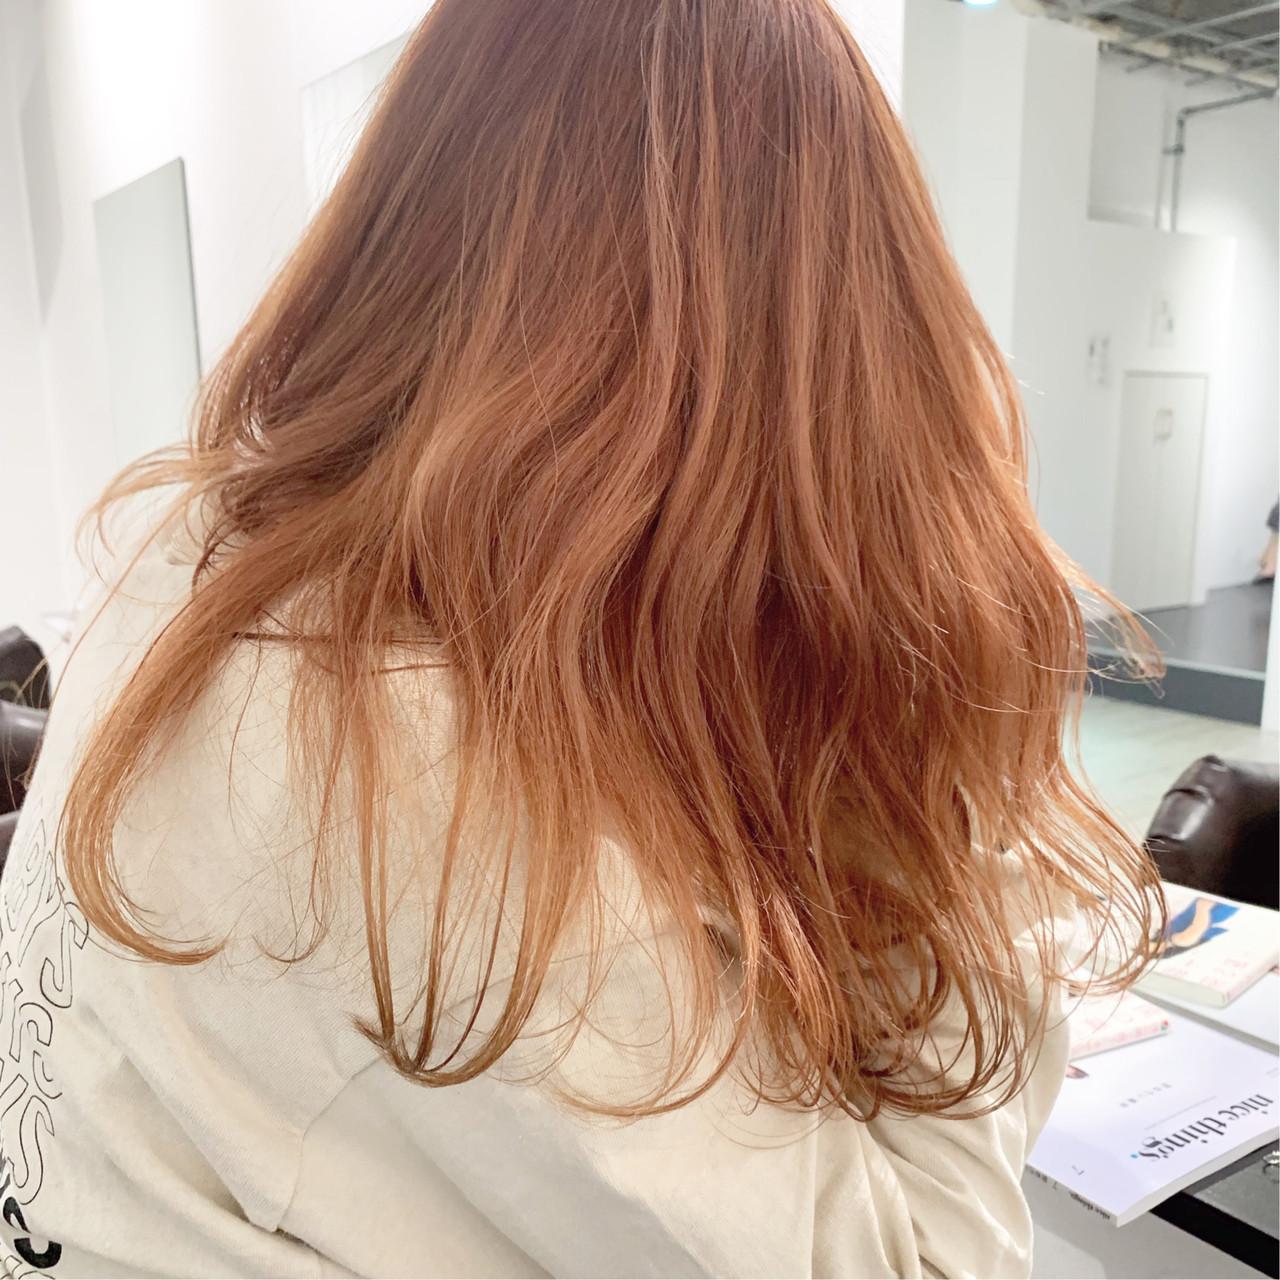 プラスオレンジ♡ガーリー女子ヘアカラー 中村明俊 / ooit